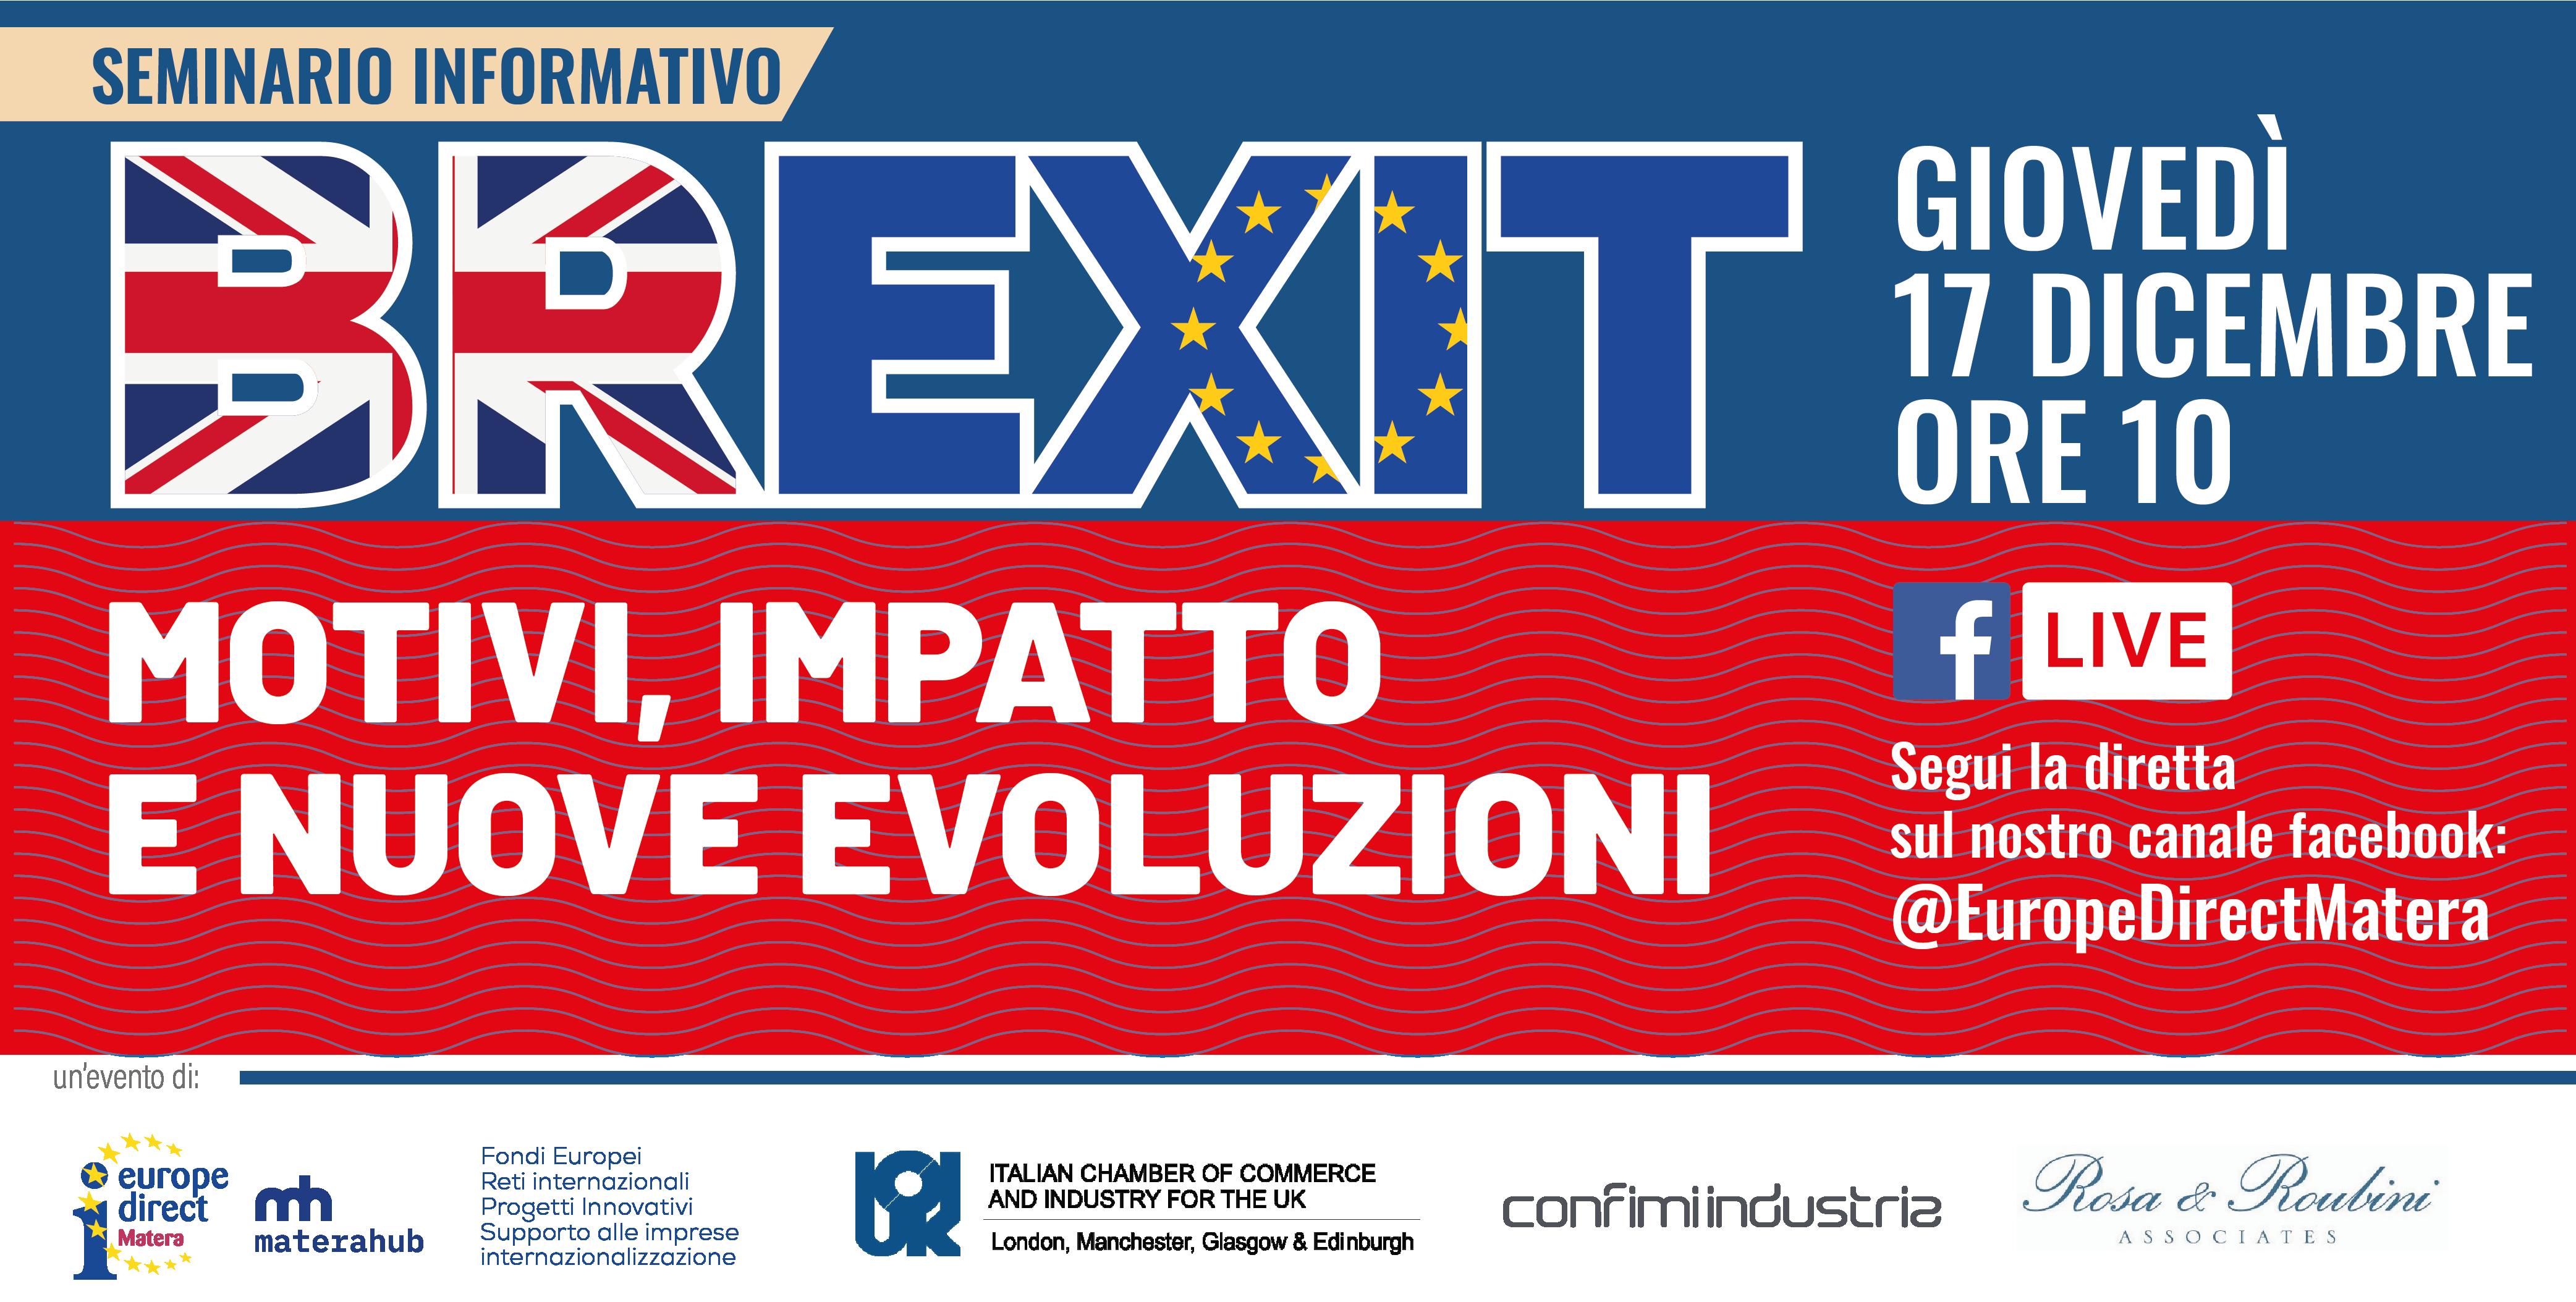 Brexit: motivi, impatto e nuove evoluzioni